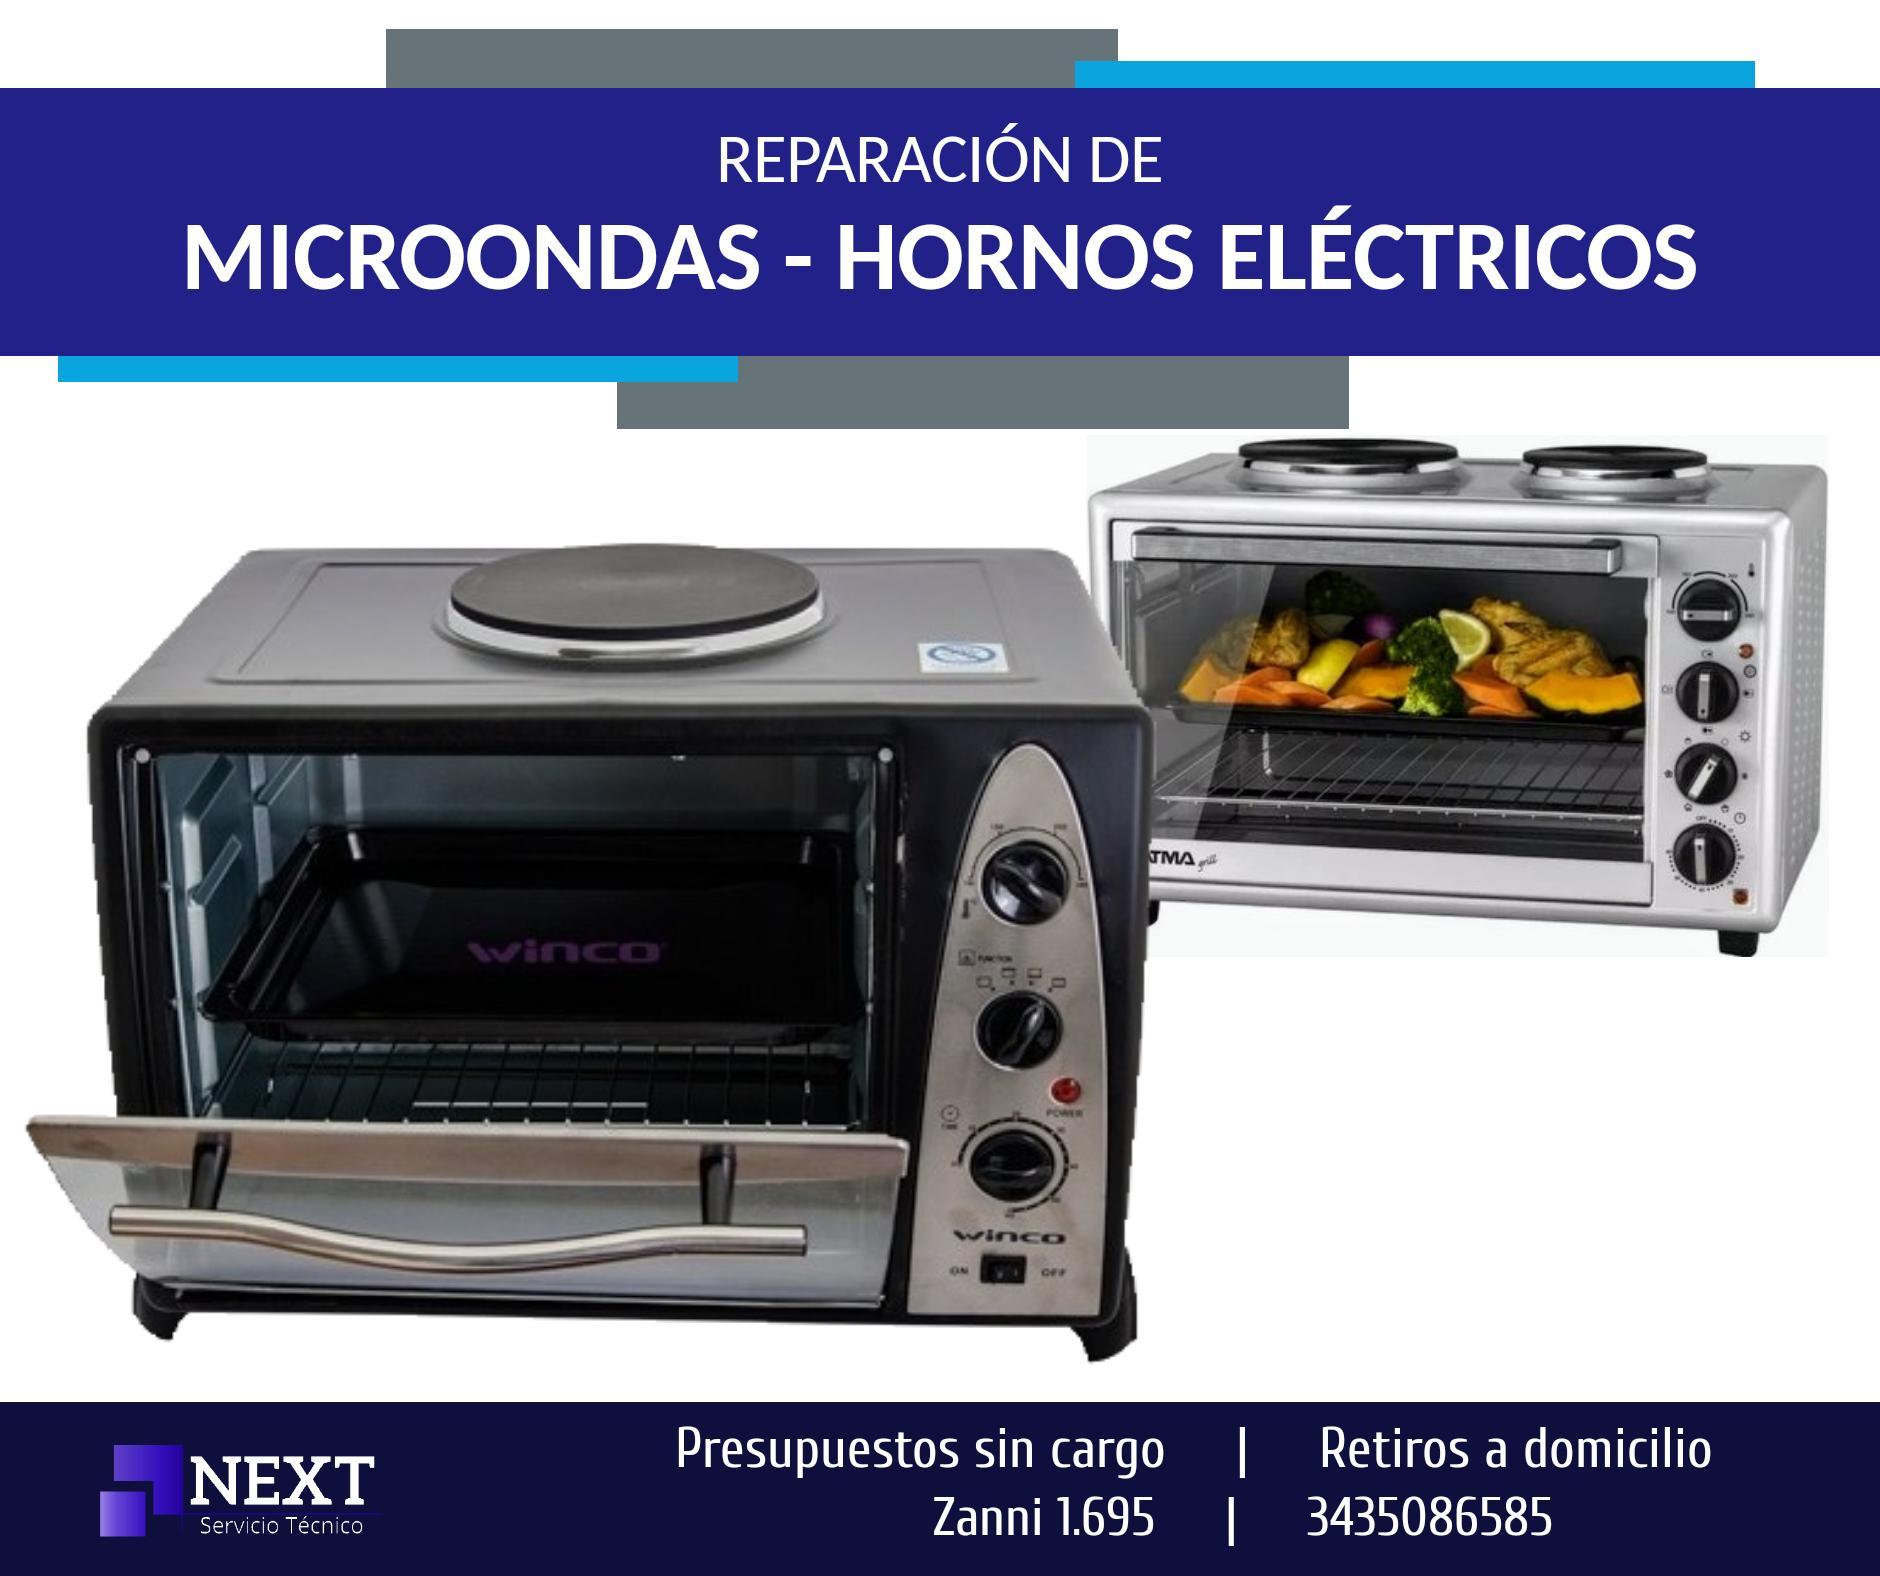 Reparacion MICROONDAS, HORNOS - Presupuestos sin cargo